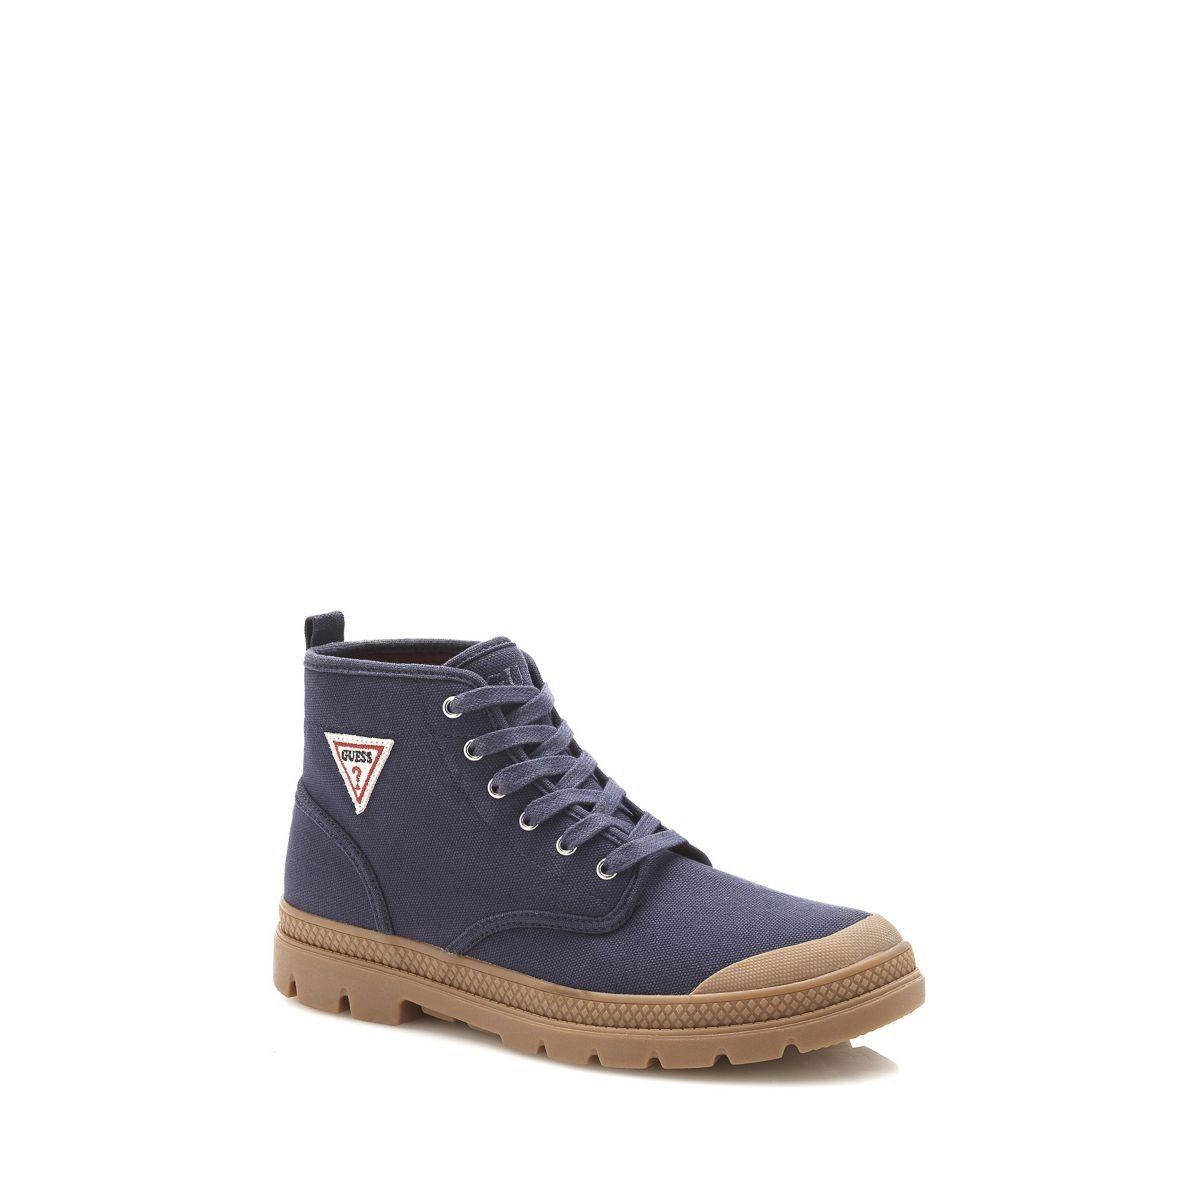 Guess Stiefel online kaufen  blau